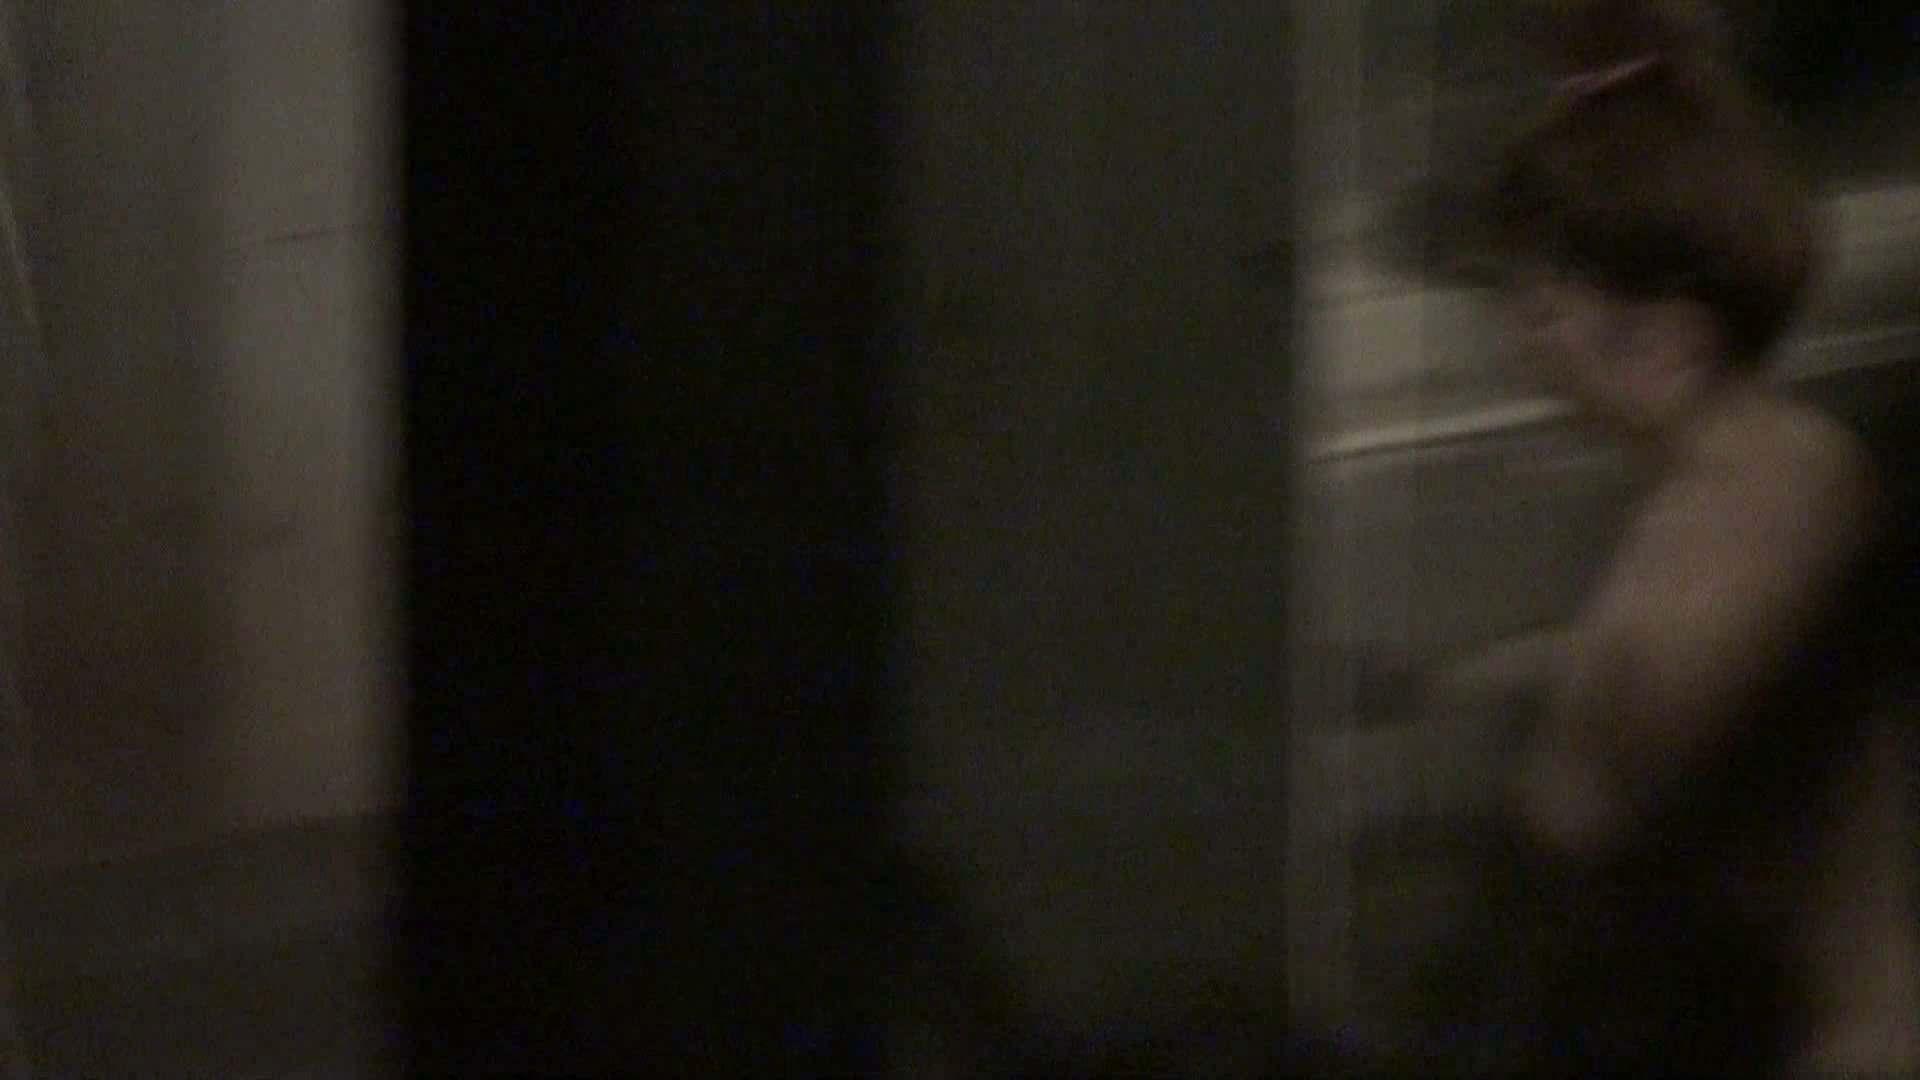 Aquaな露天風呂Vol.377 美しいOLの裸体 盗み撮り動画キャプチャ 105pic 35